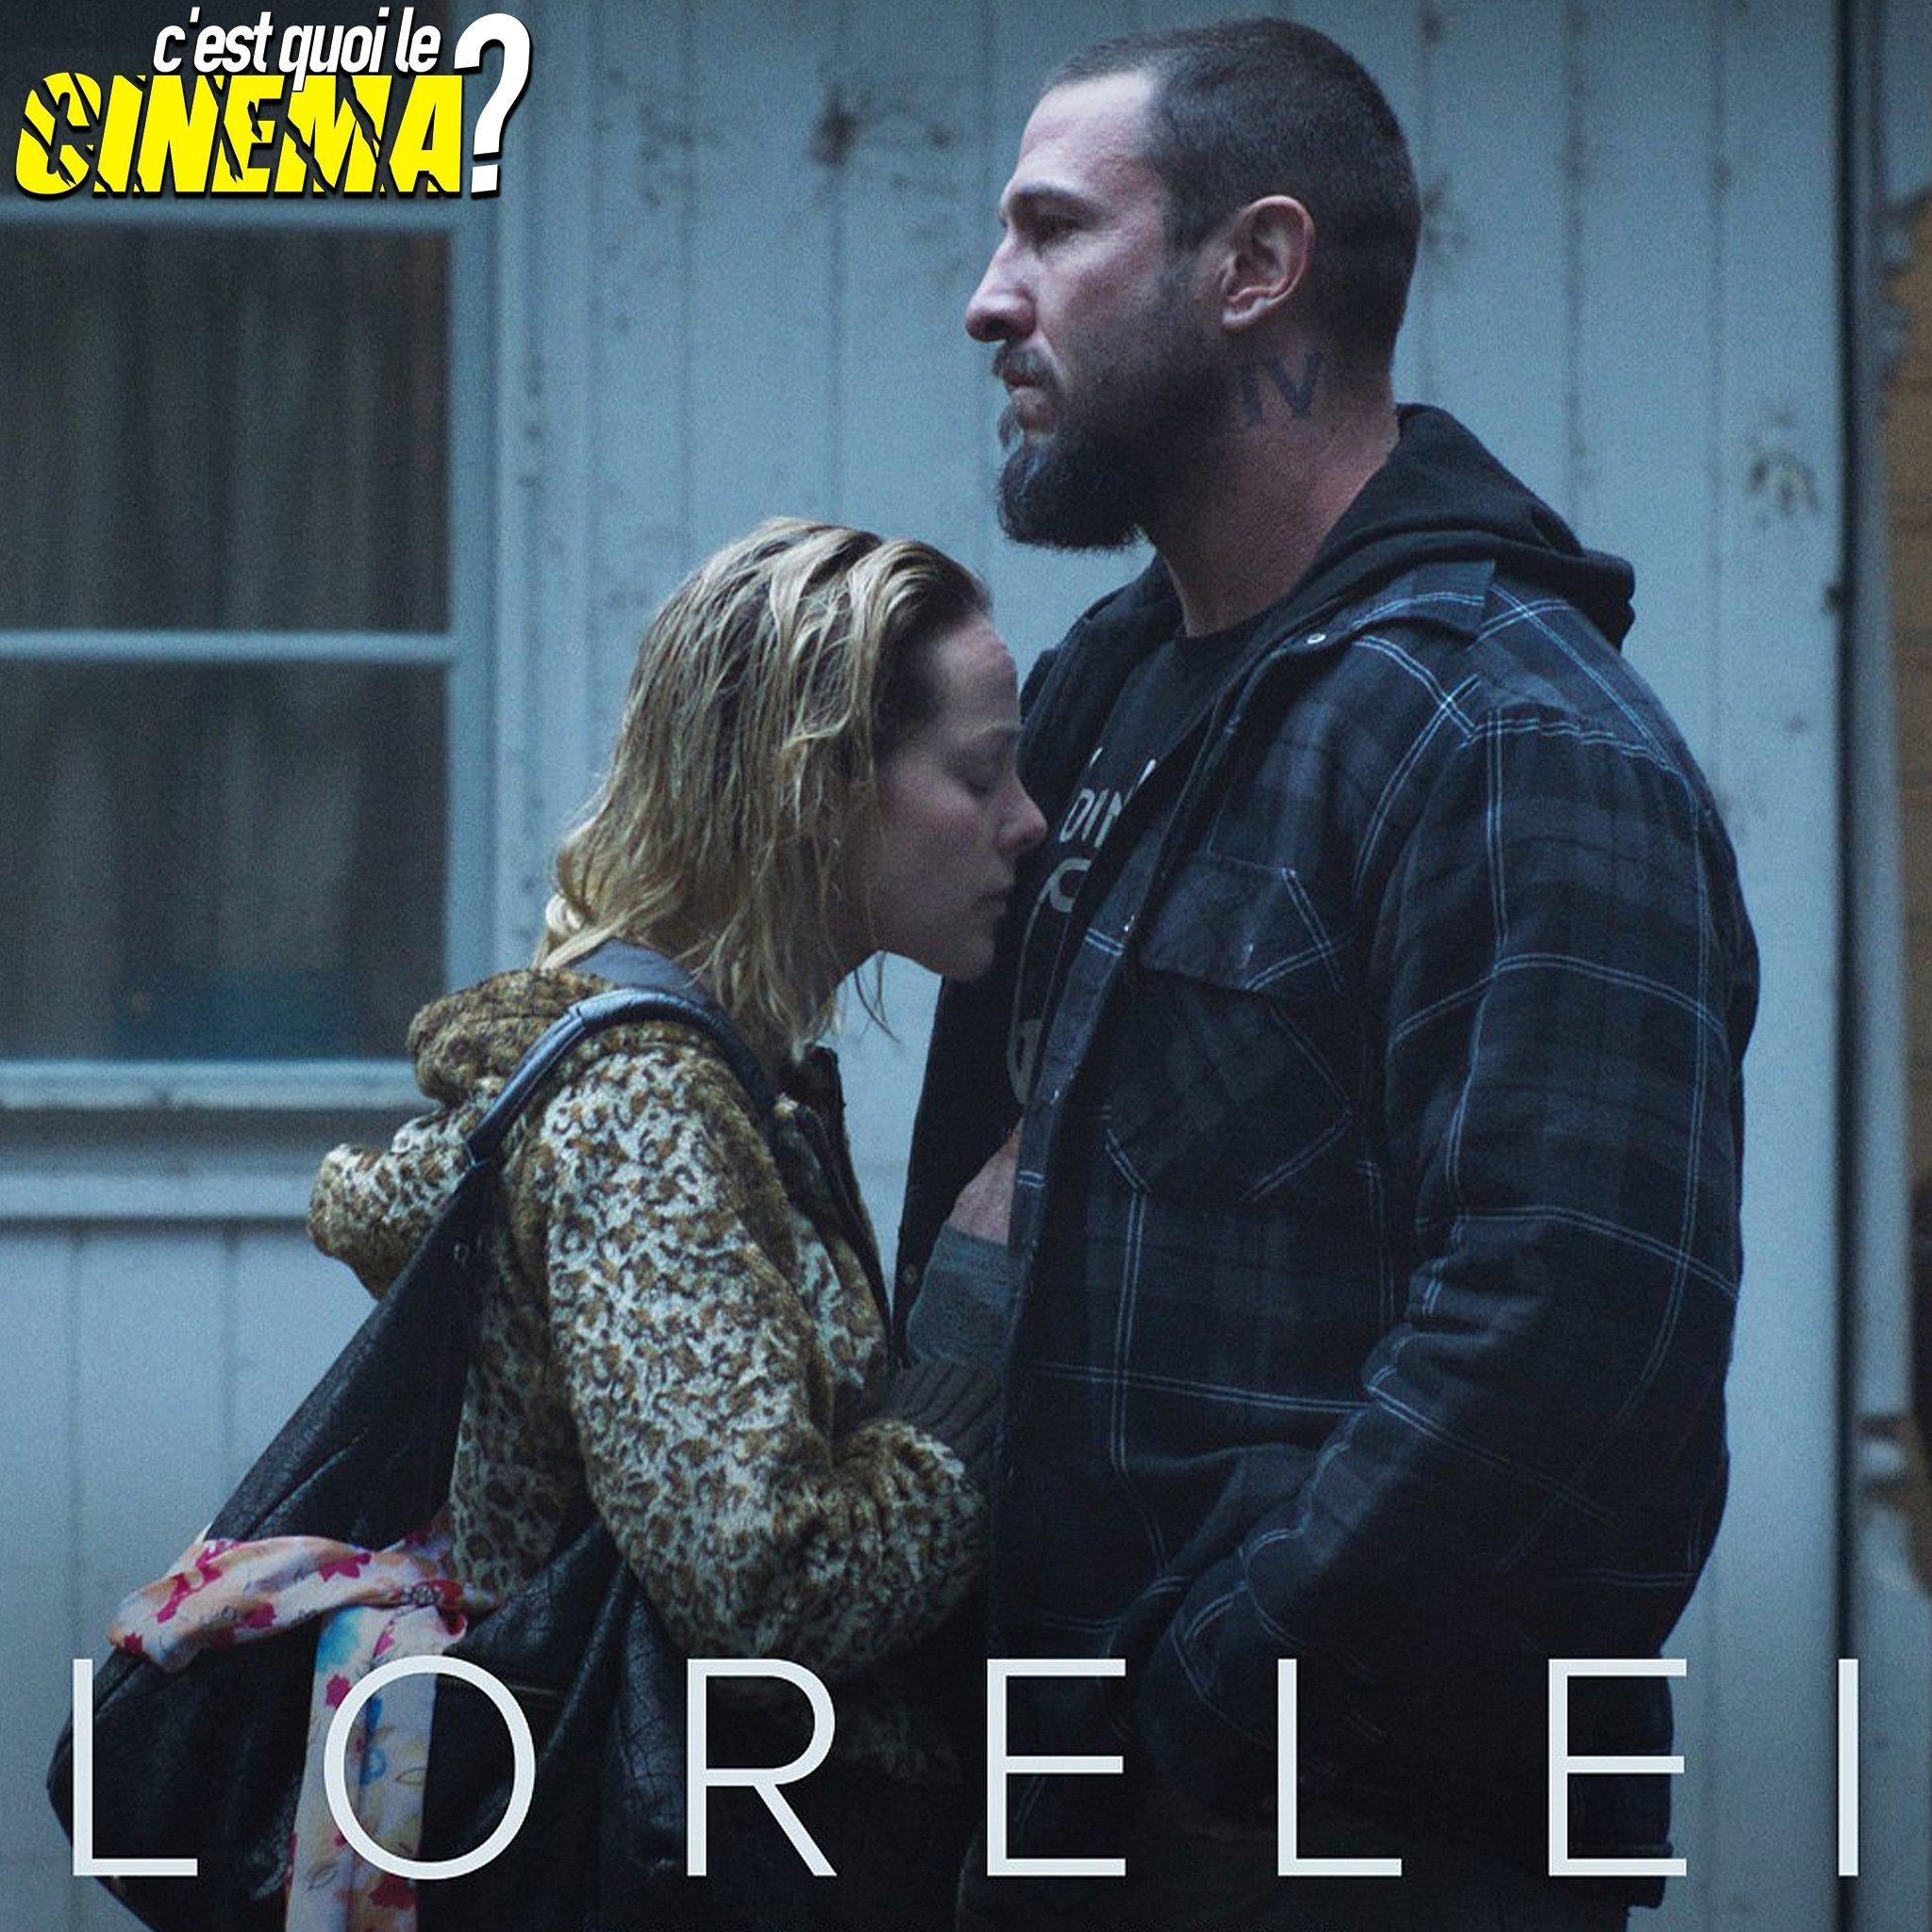 [CRITIQUE] Lorelei – Romantique tranche de vie